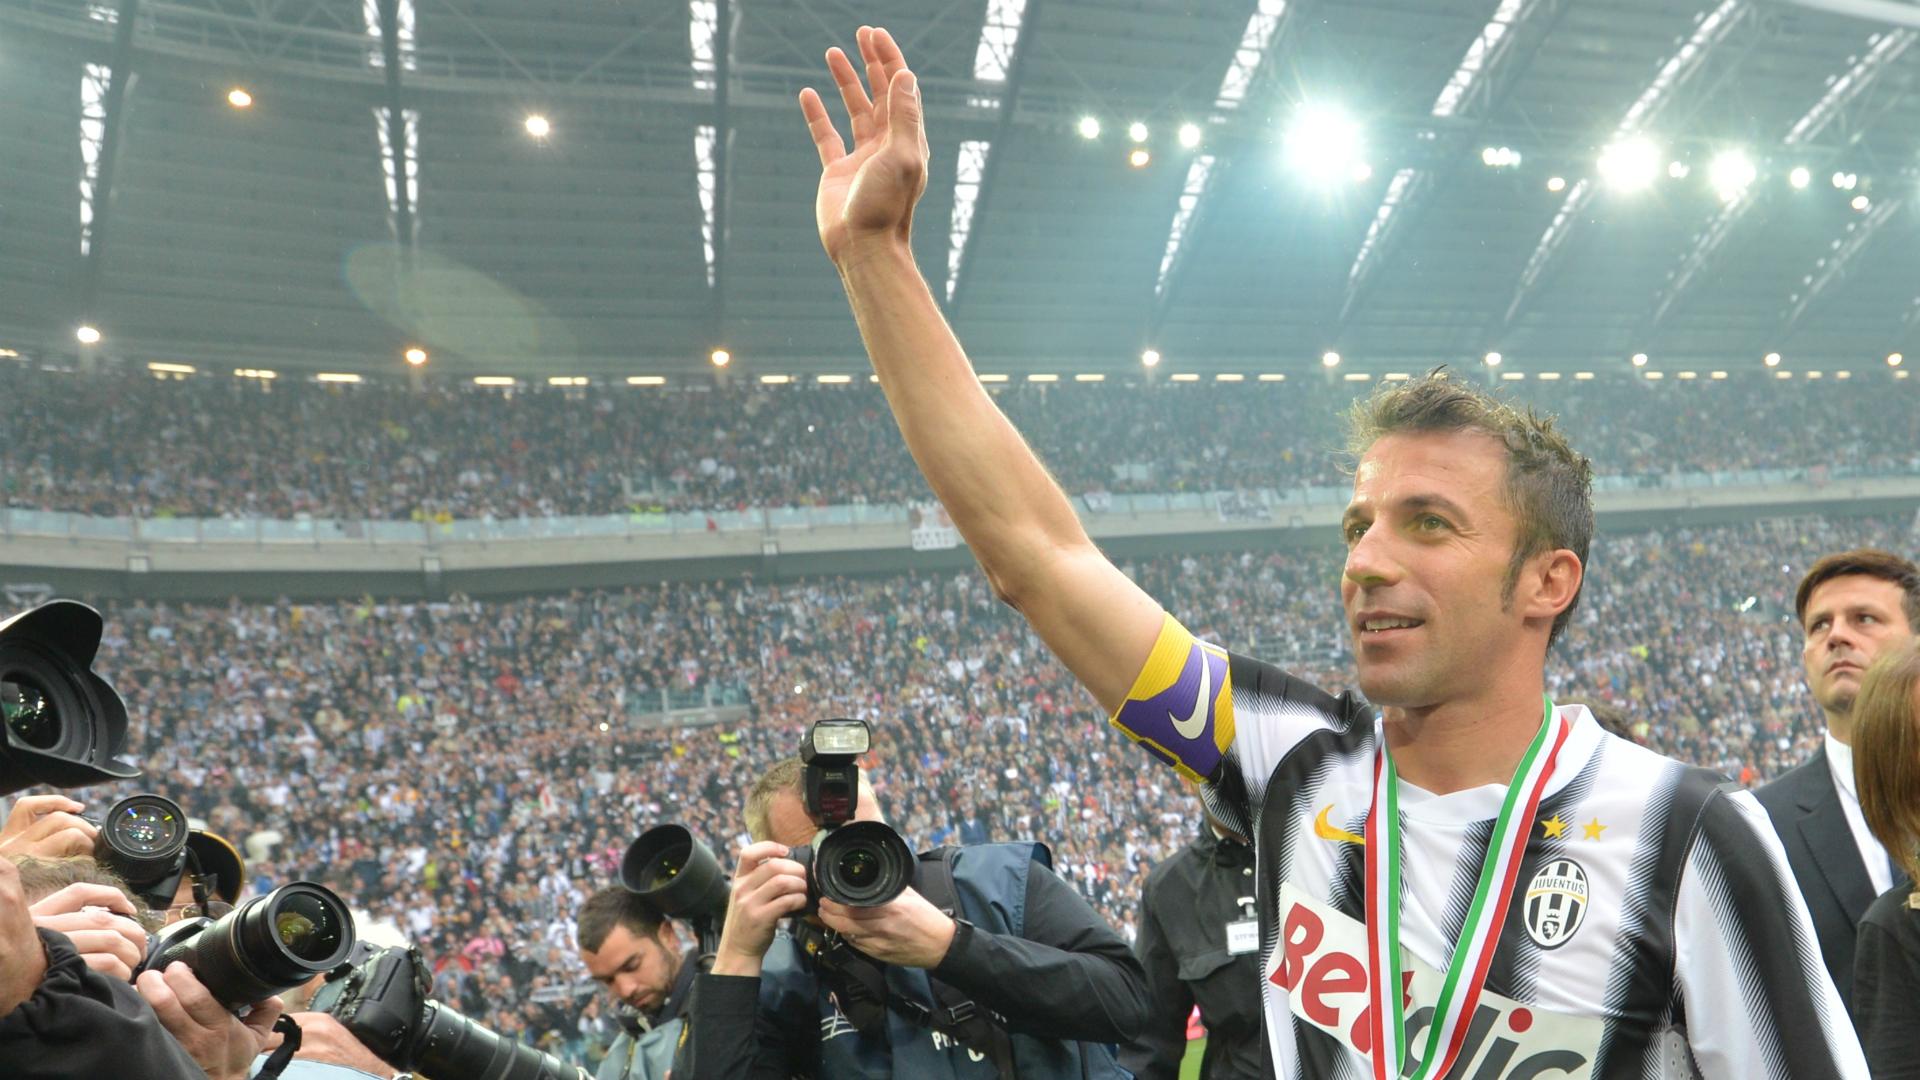 Conte's Greatest XI/Alessandro Del Piero